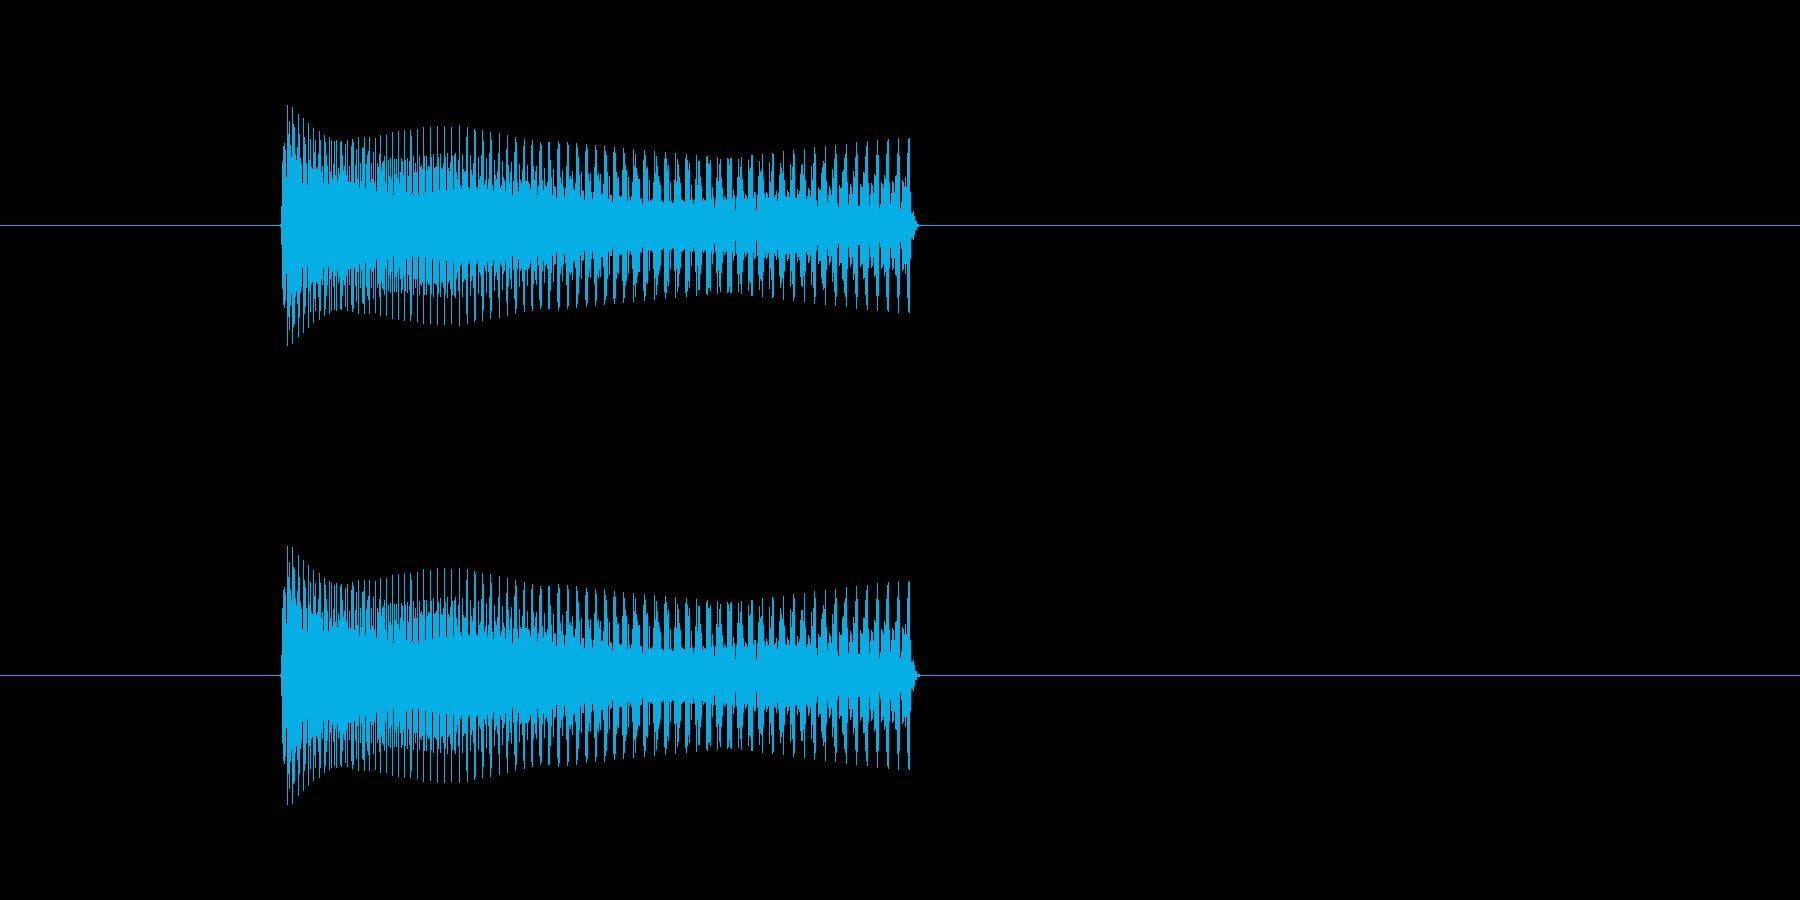 ティロリーン↓というシンセの早い下降音…の再生済みの波形